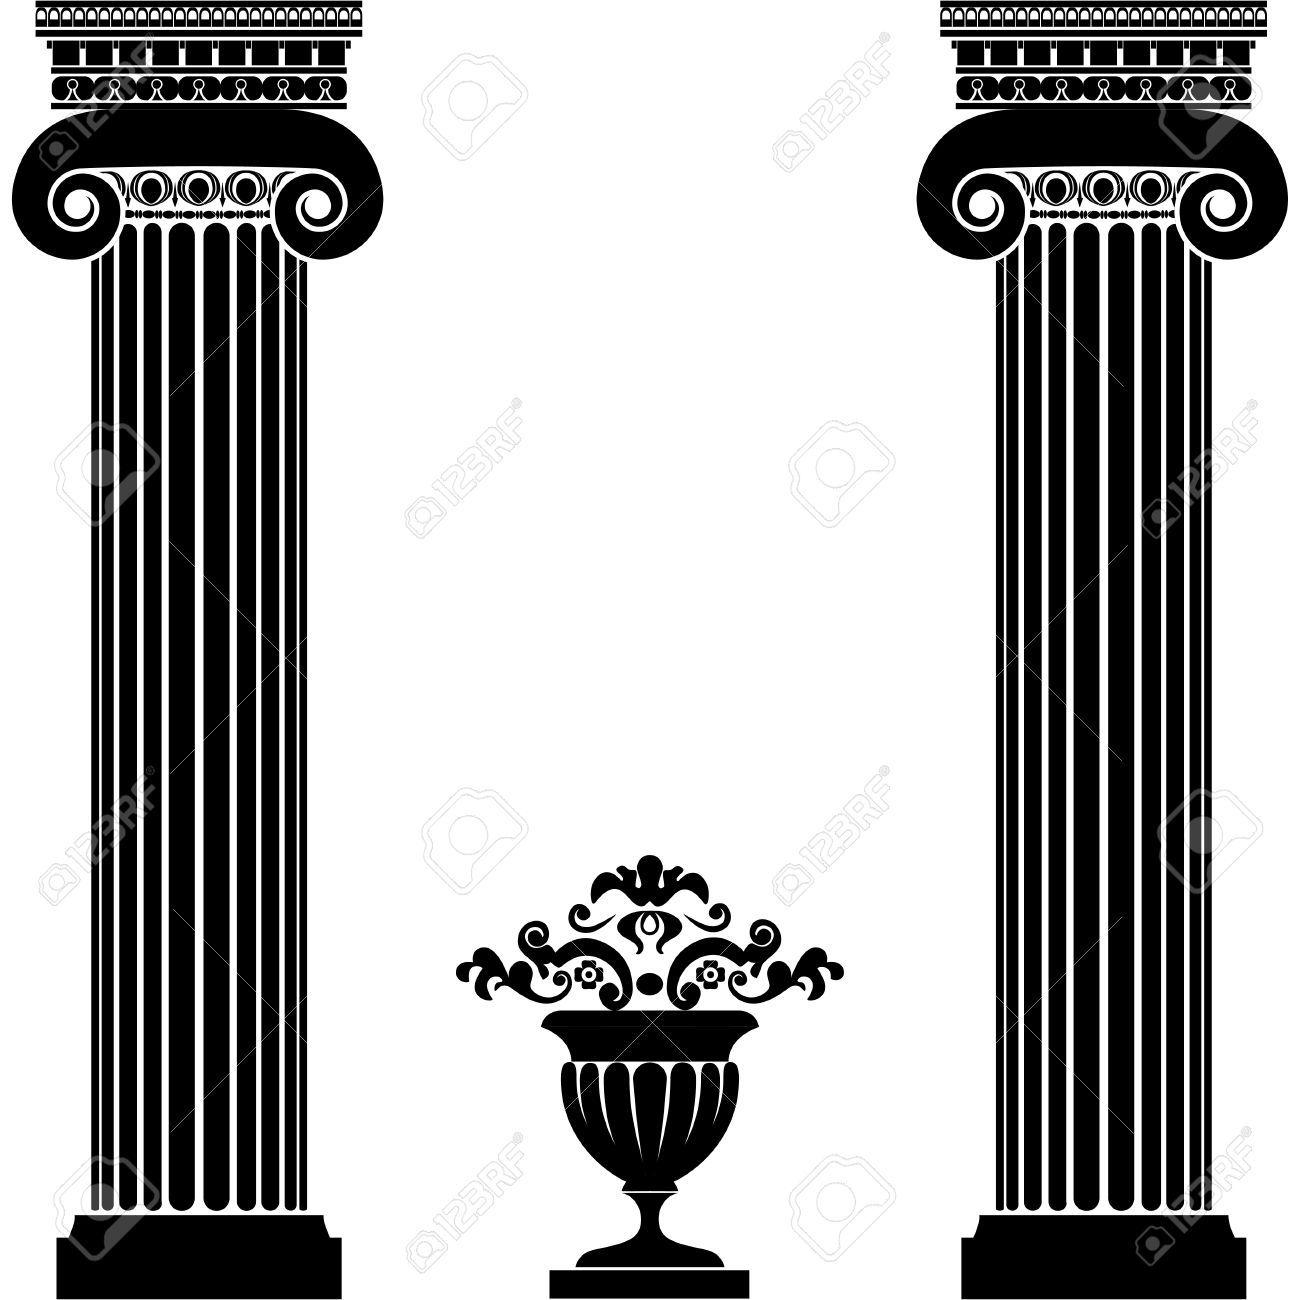 colonne grecque deco colonne blanche carre colonne. Black Bedroom Furniture Sets. Home Design Ideas